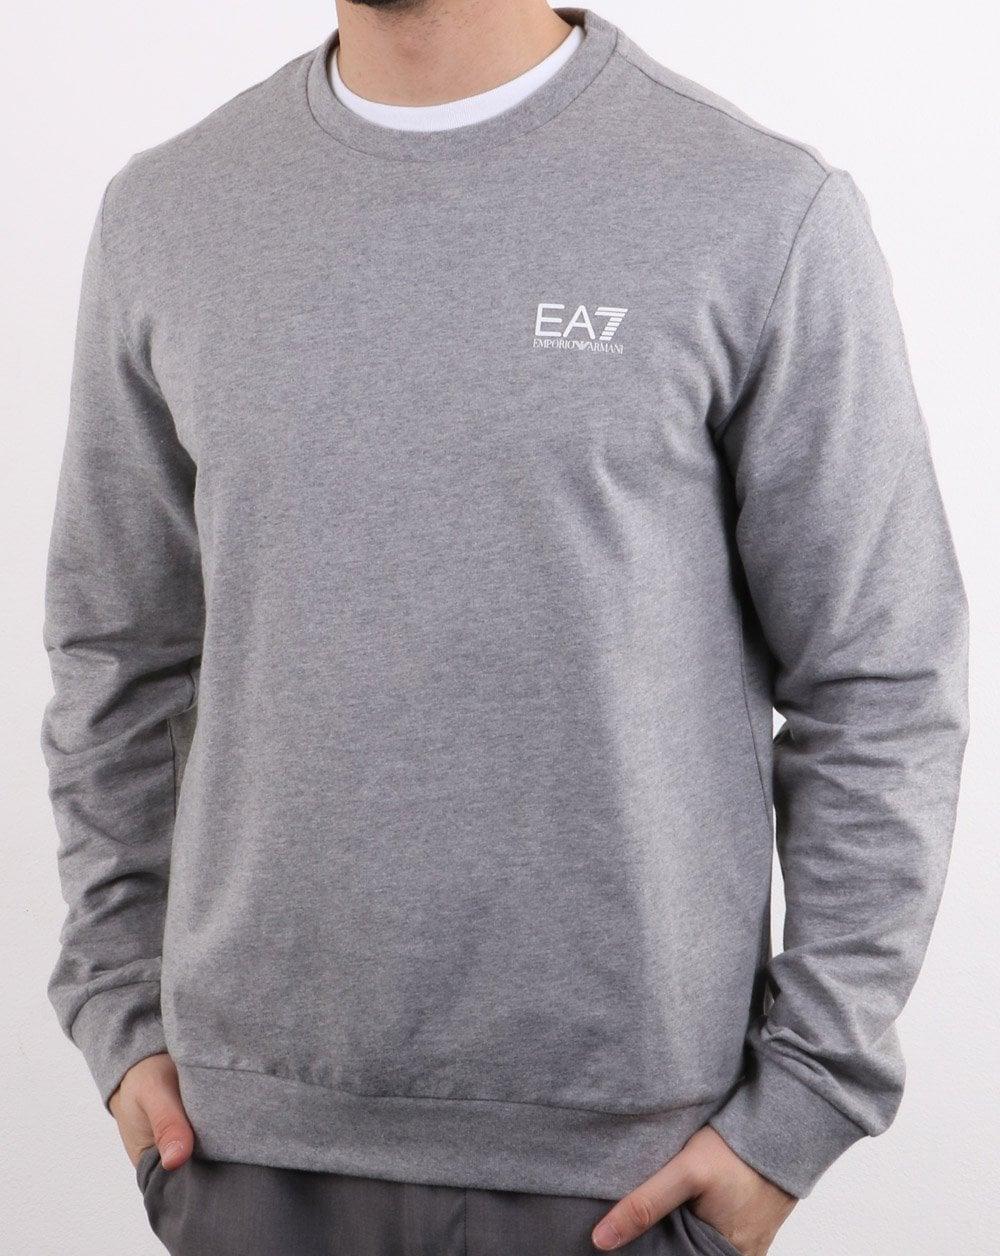 dd589249 Emporio Armani EA7 Emporio Armani EA7 Core Logo Sweatshirt Grey